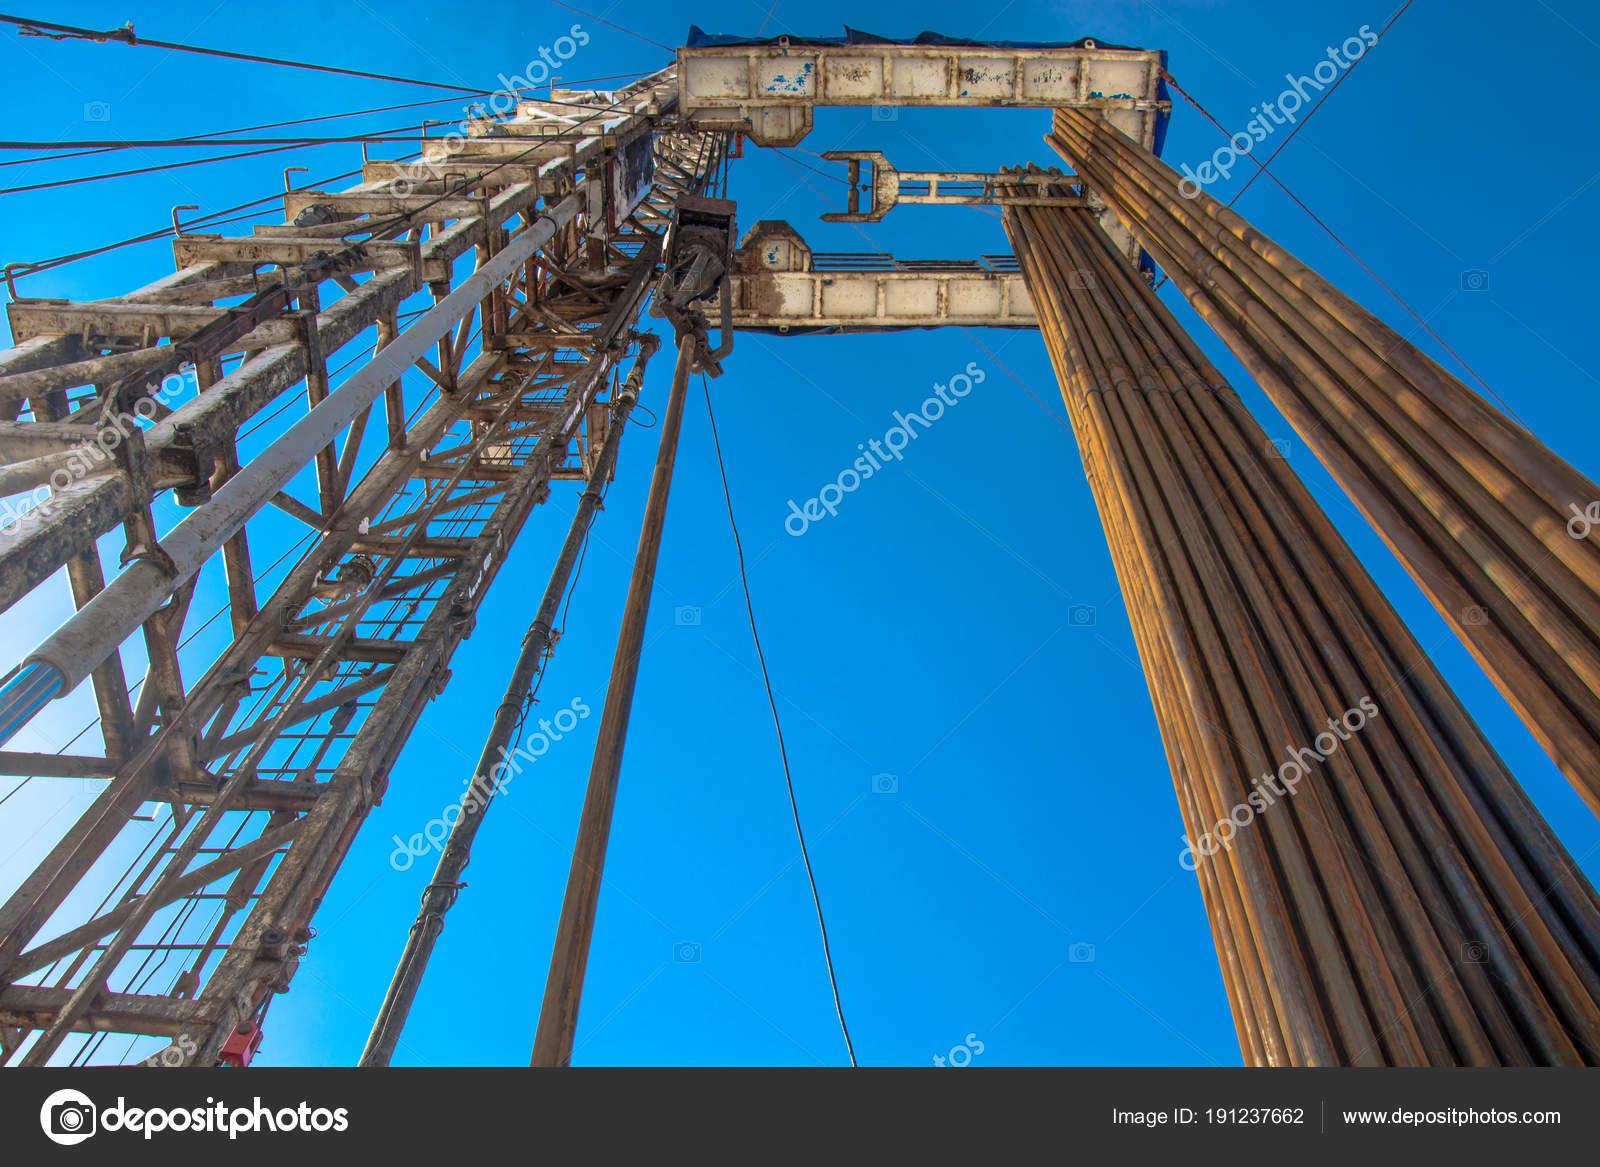 Rewelacyjny Wiertnica Wiercenia Ropy Naftowej Gazu Studni Pionowo Rury Wiertła NC82